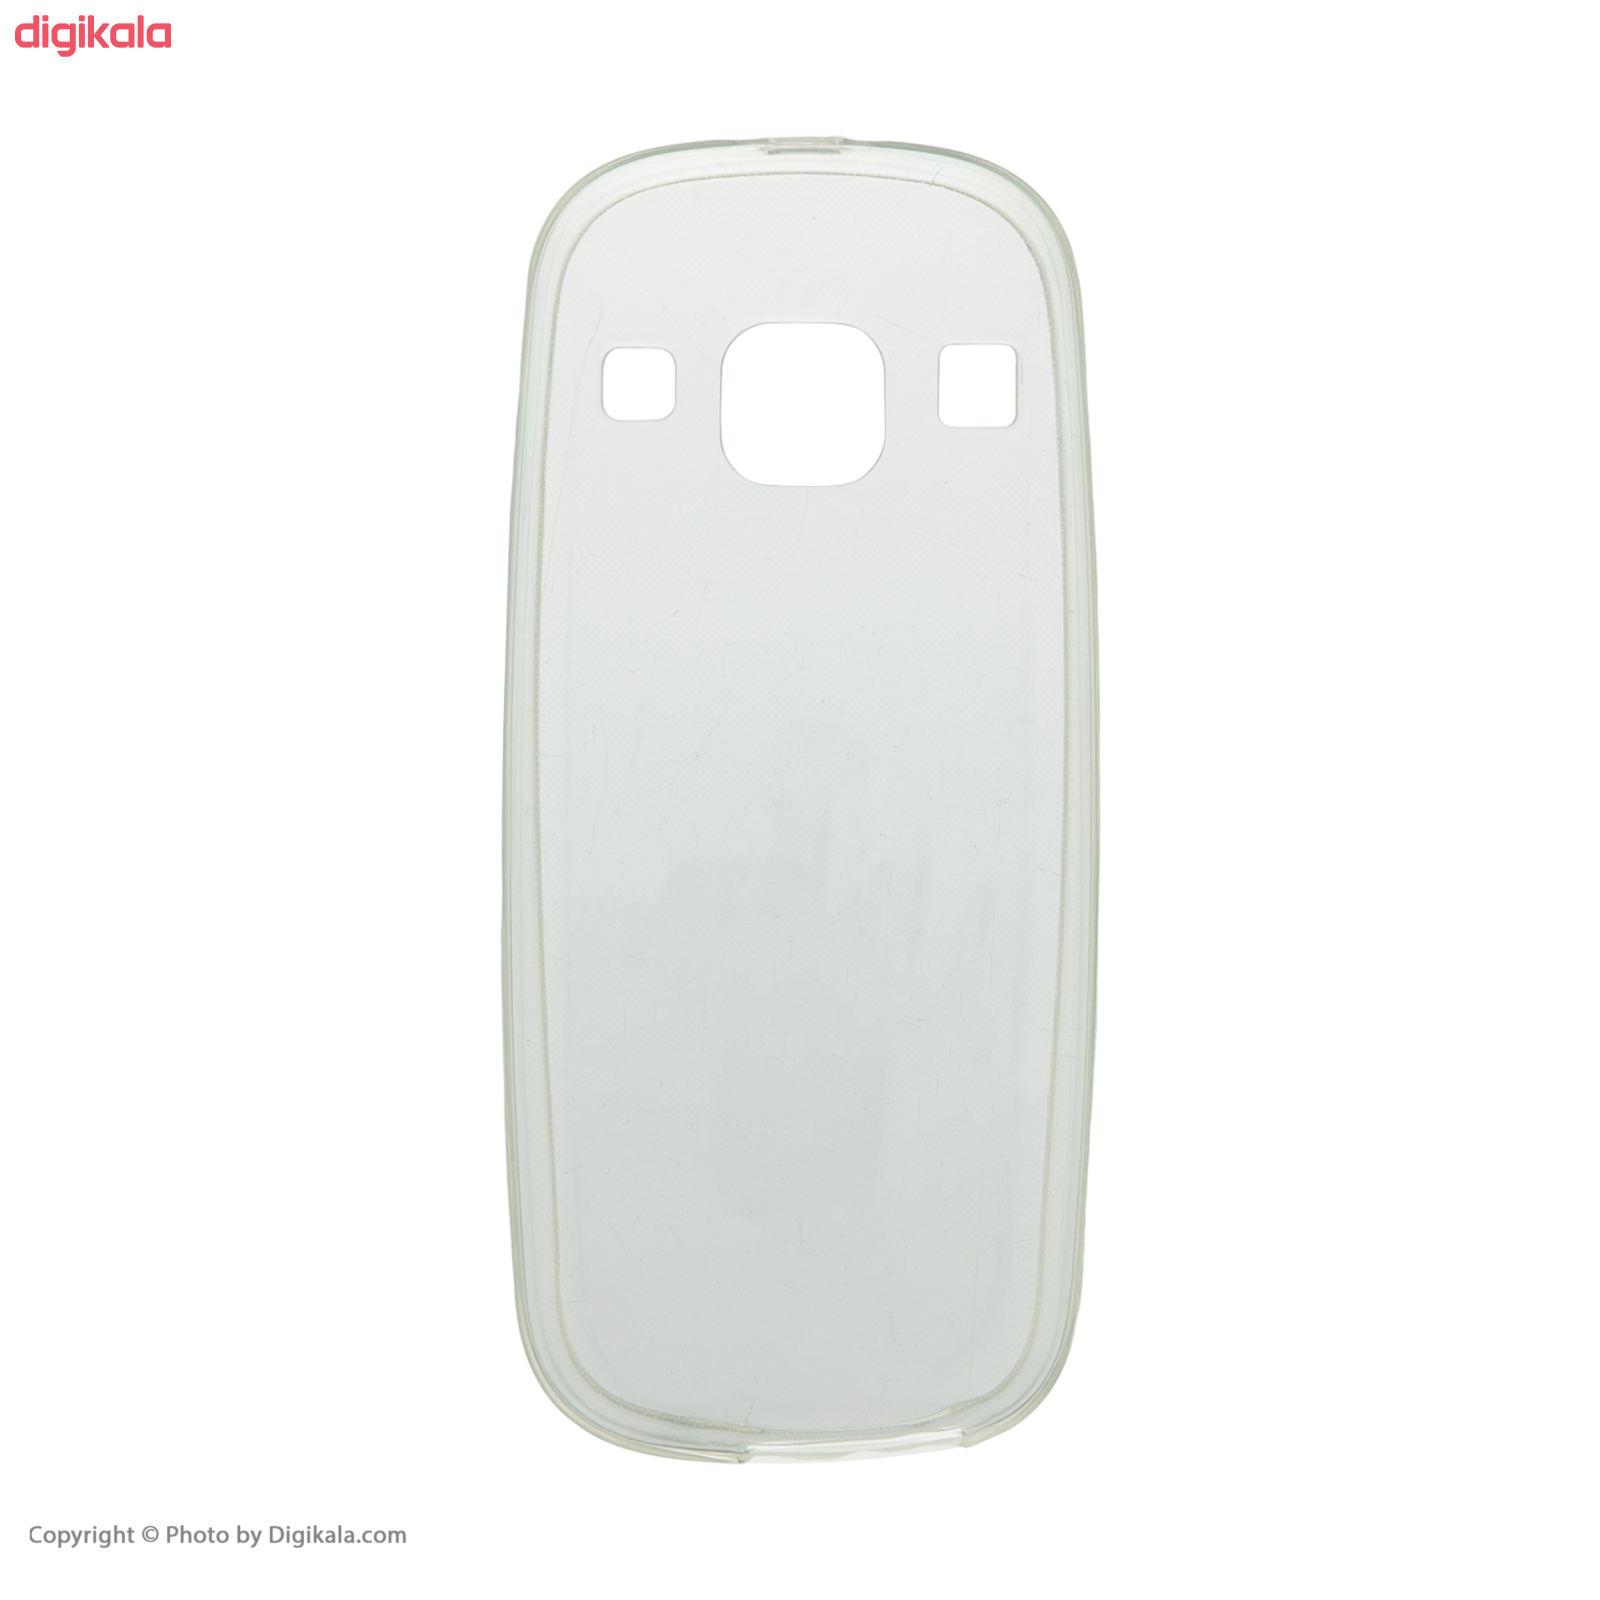 گوشی موبایل هیوندای مدل Seoul K5 دو سیم کارت main 1 10